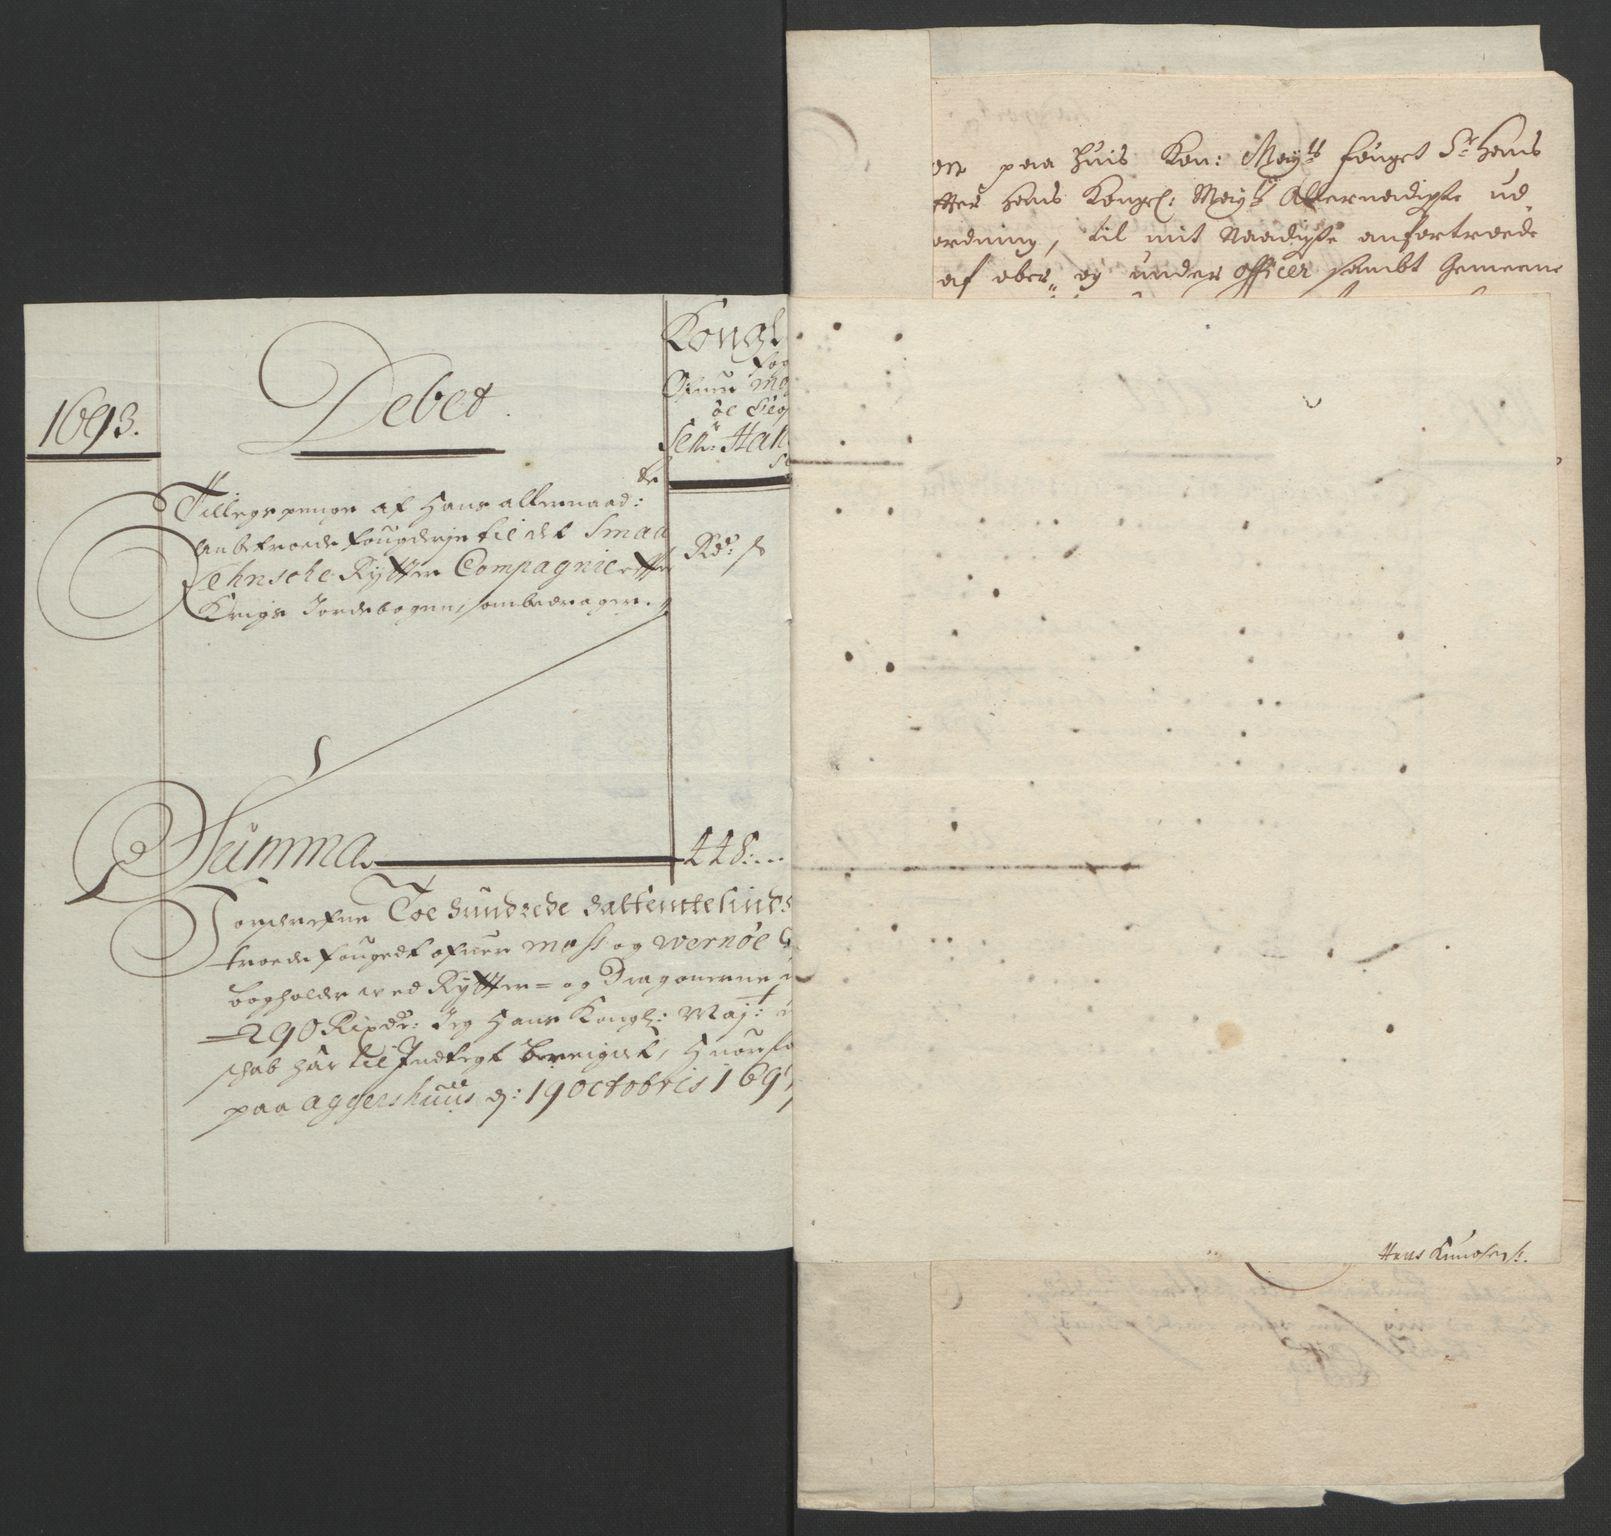 RA, Rentekammeret inntil 1814, Reviderte regnskaper, Fogderegnskap, R02/L0108: Fogderegnskap Moss og Verne kloster, 1692-1693, s. 366